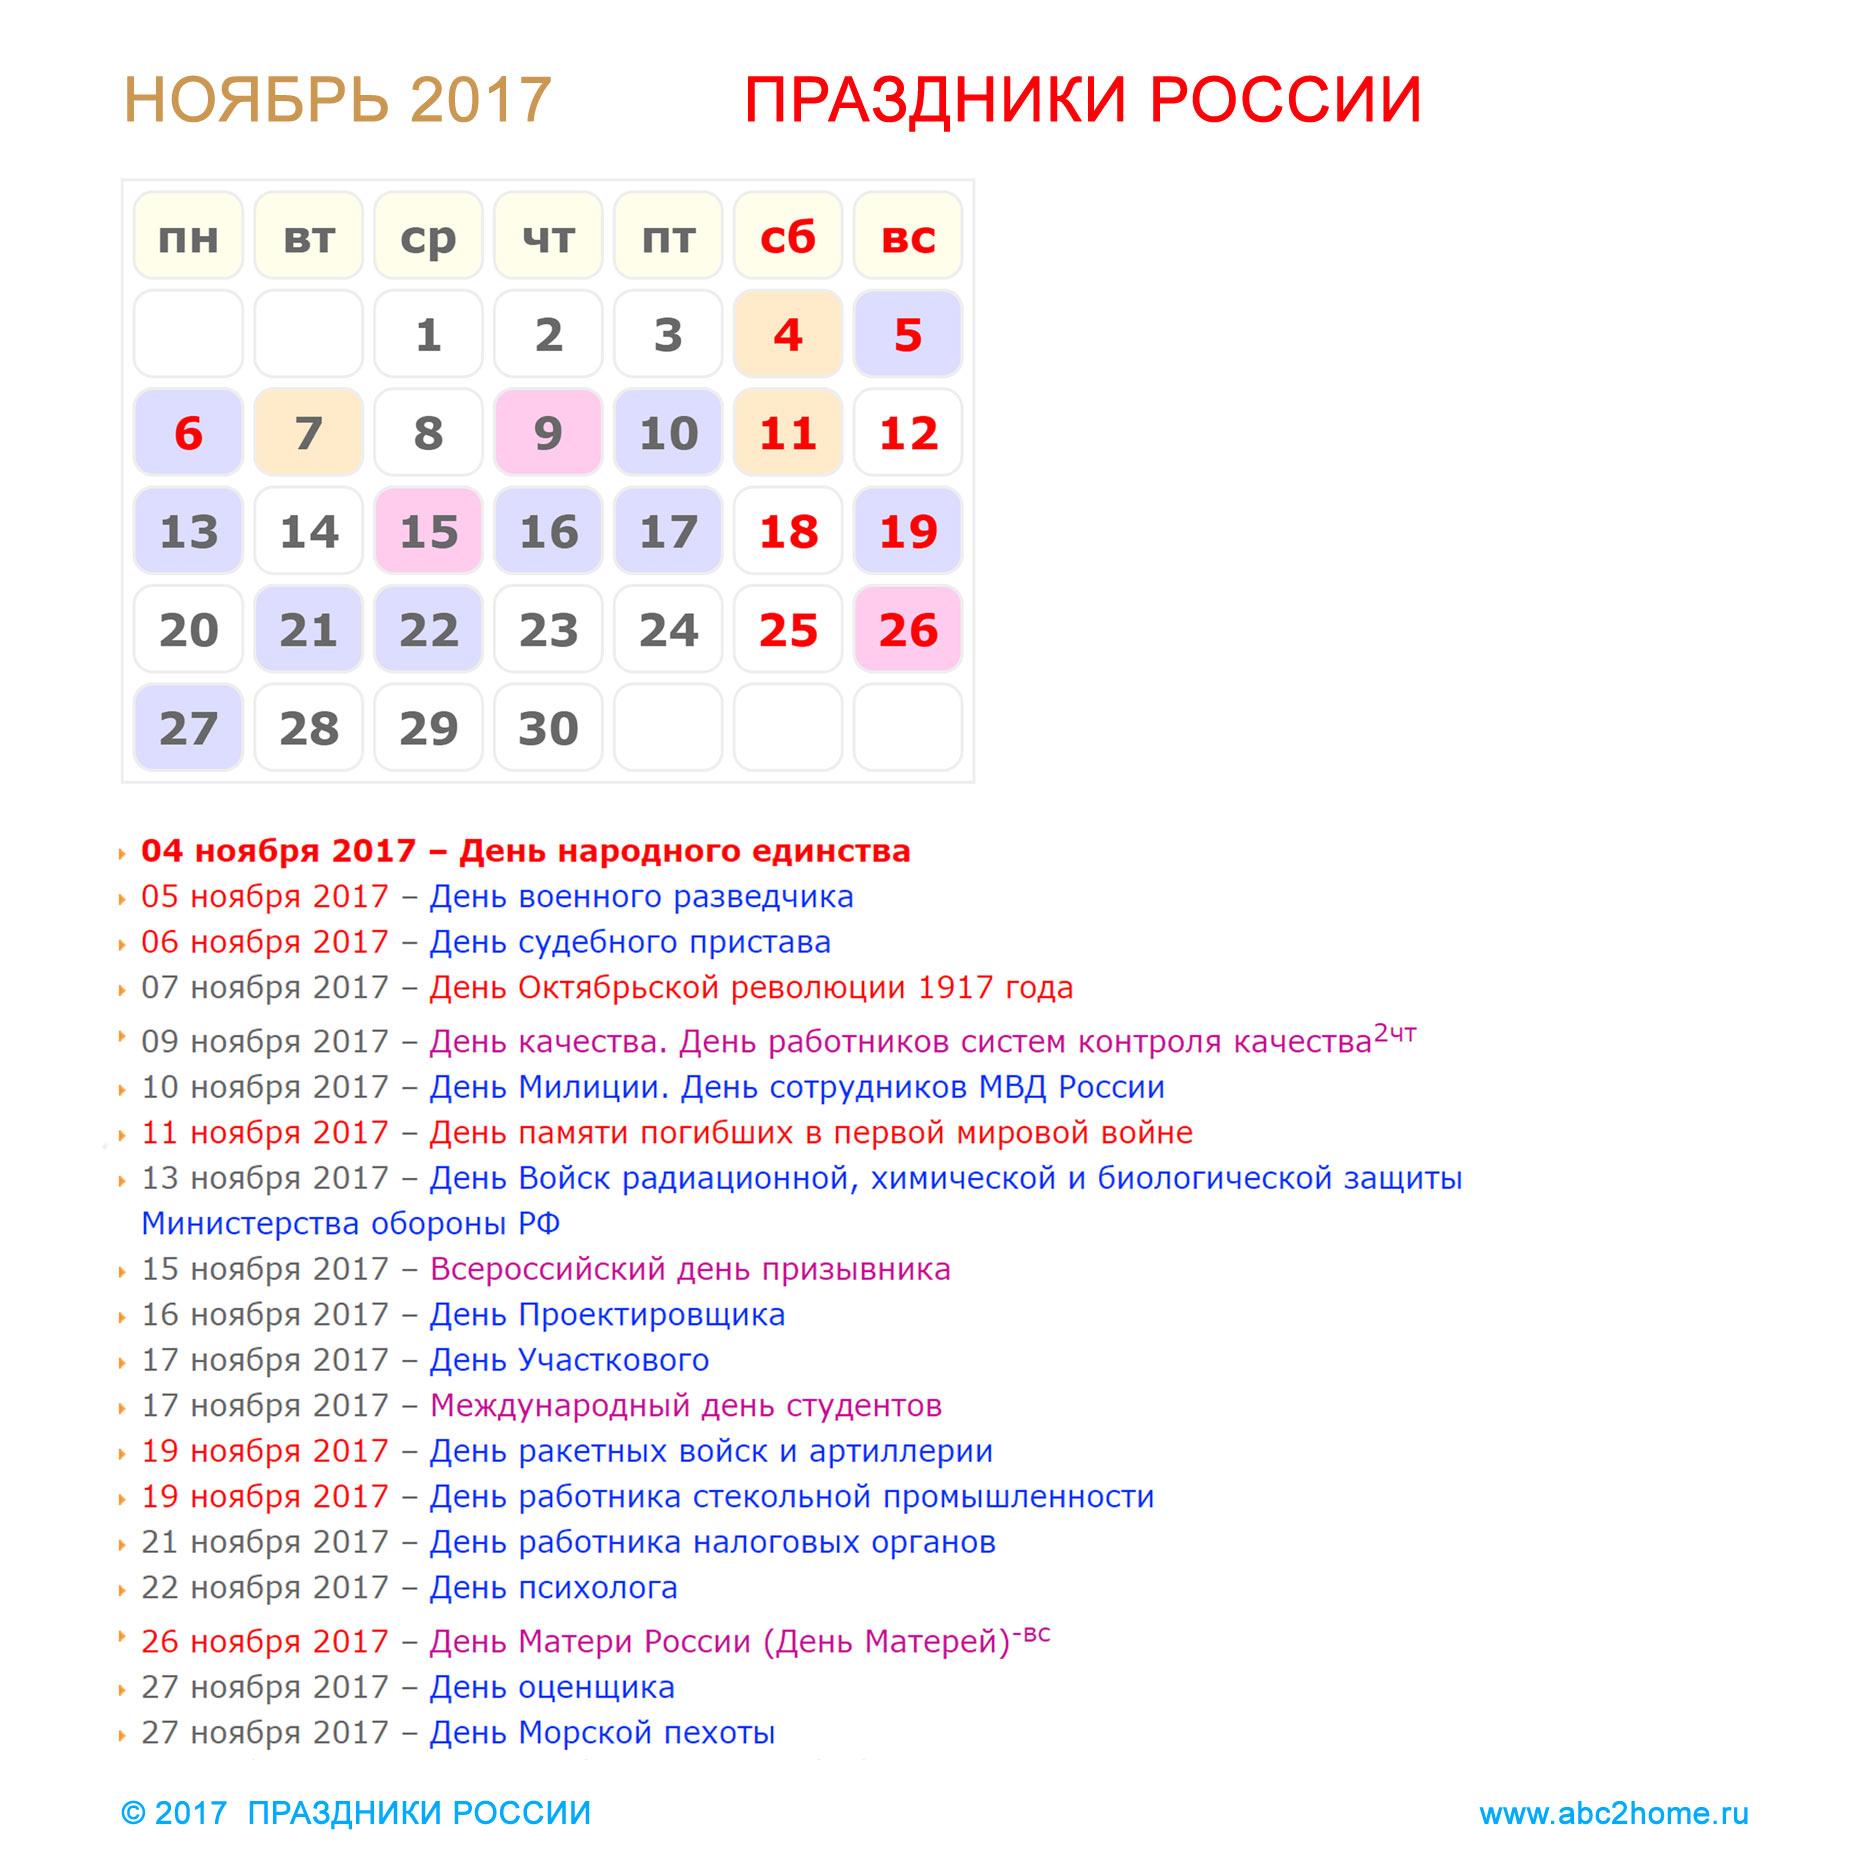 prazdniki_rossii_noyabr_201.jpg